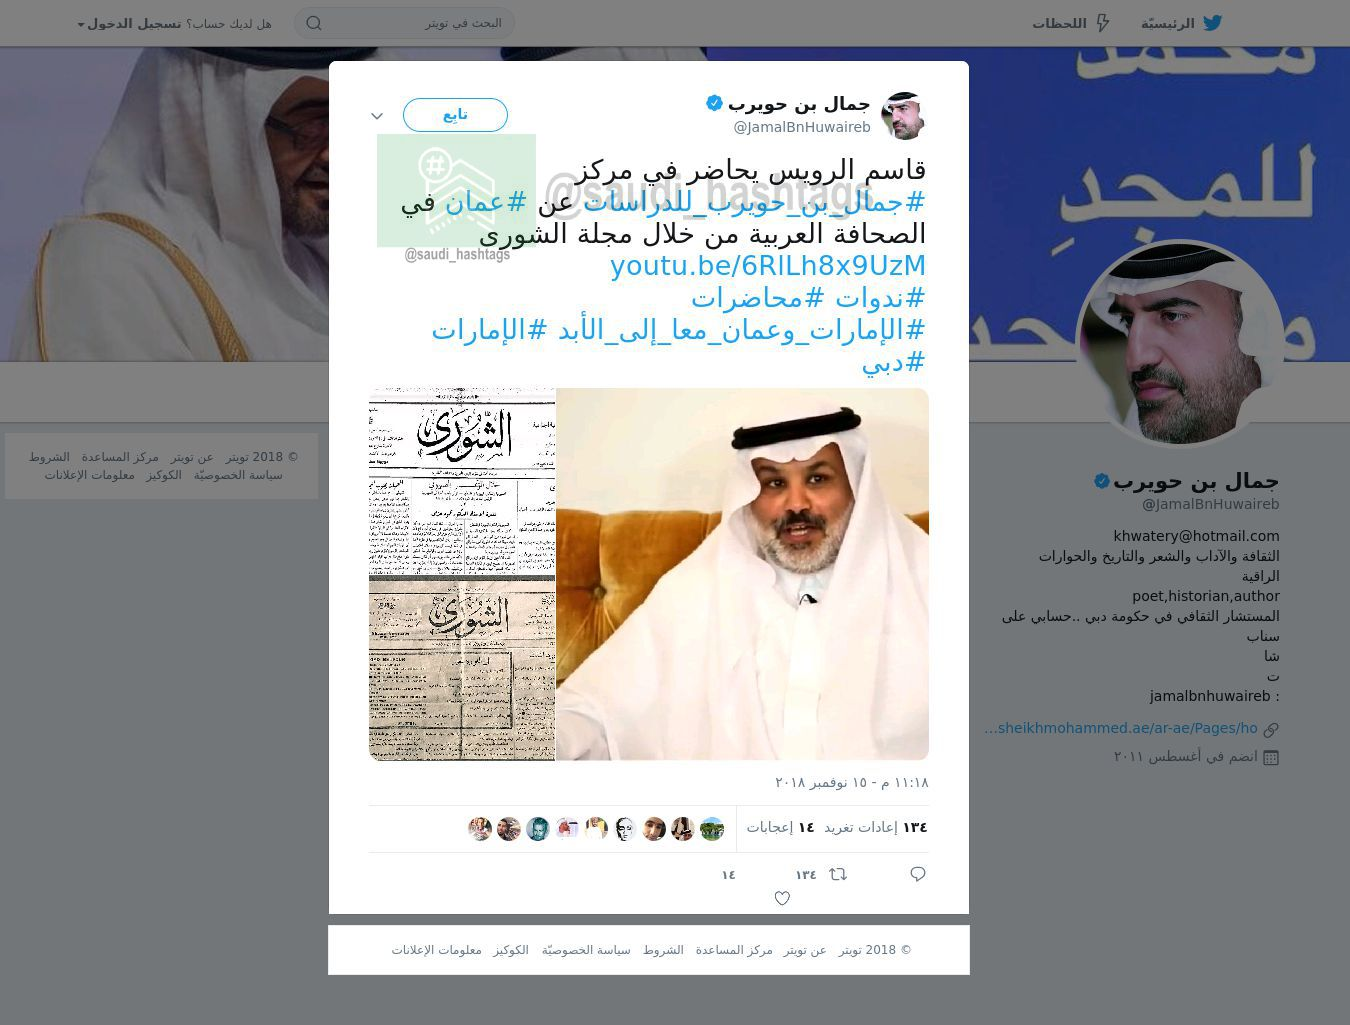 لقطة لاول تغريدة في هاشتاق #عمان